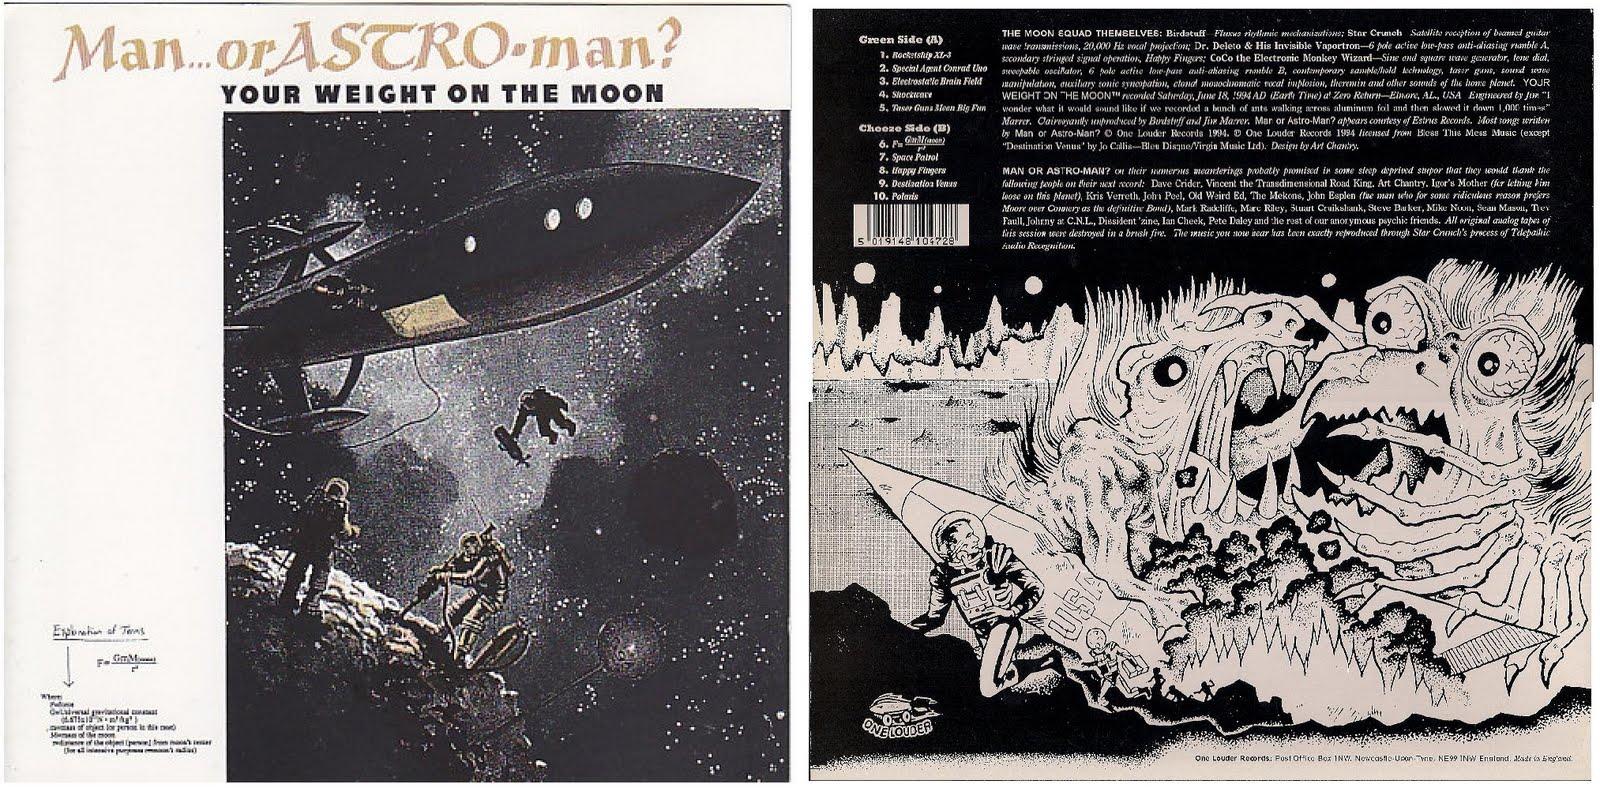 Man S Weiight On The Moon 86